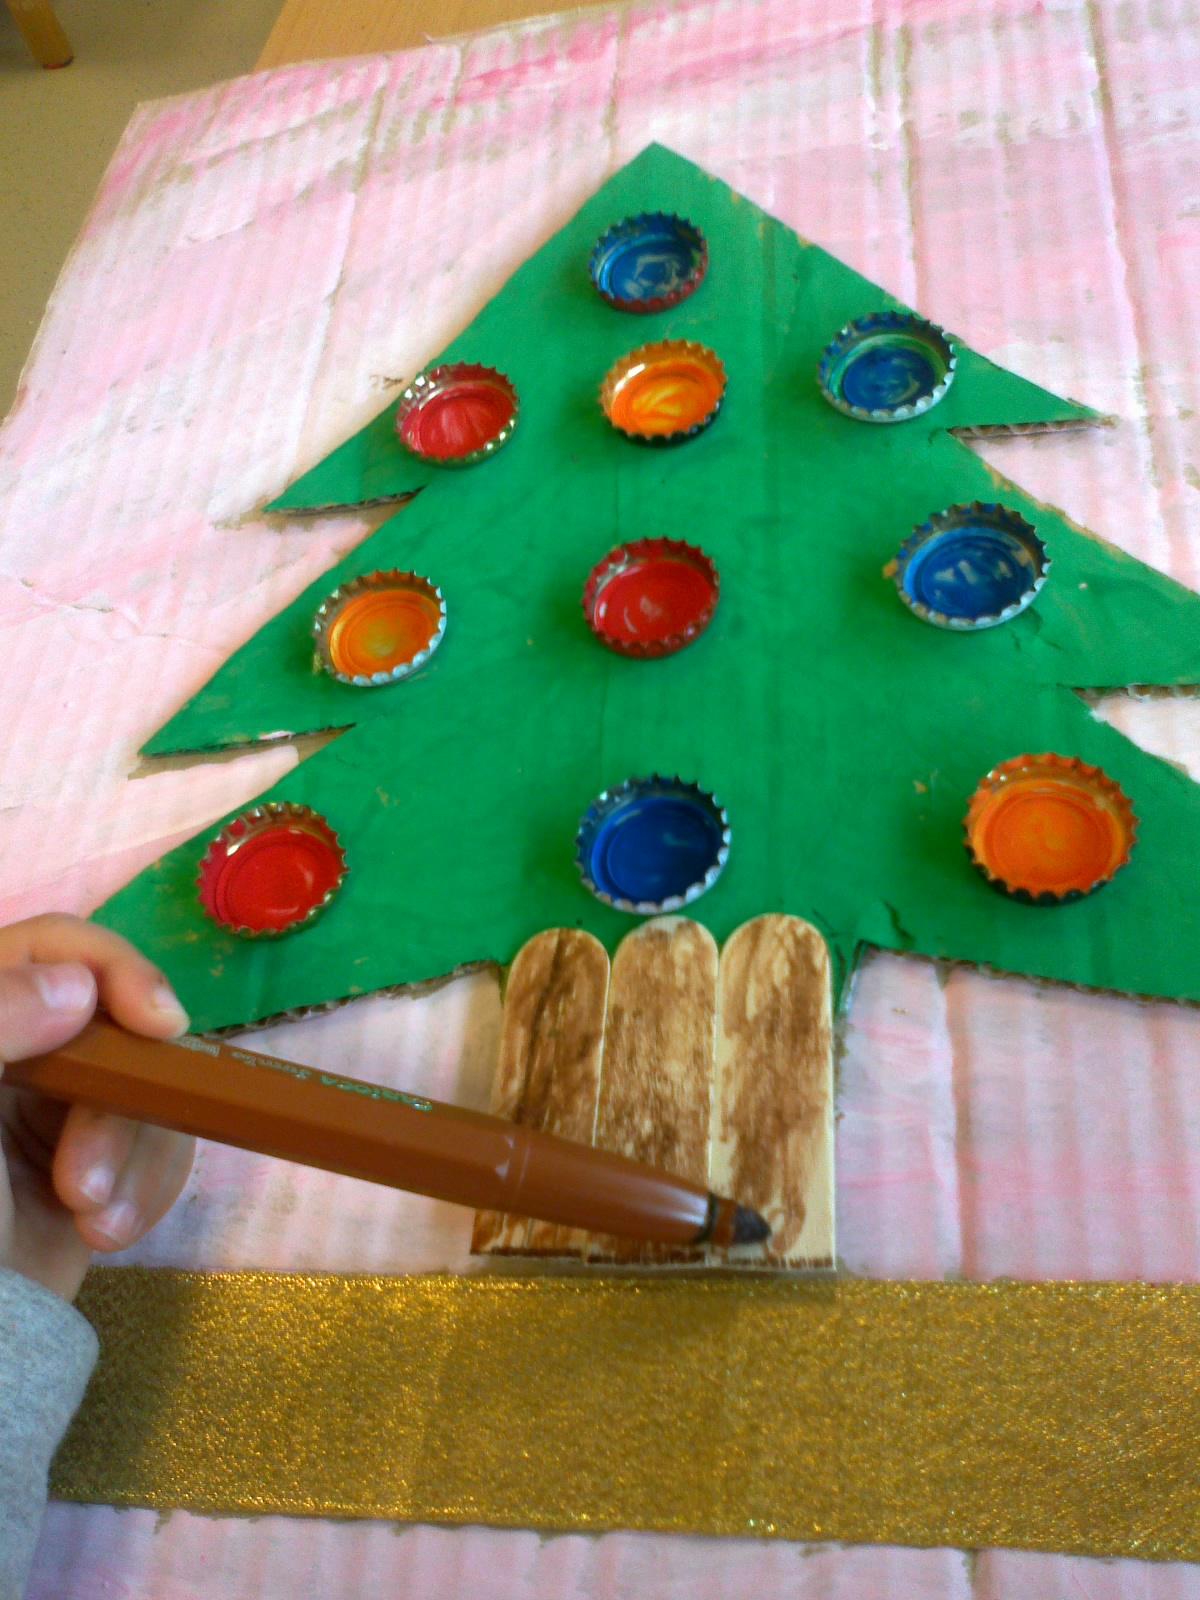 Δέντρο με άχρηστα υλικά